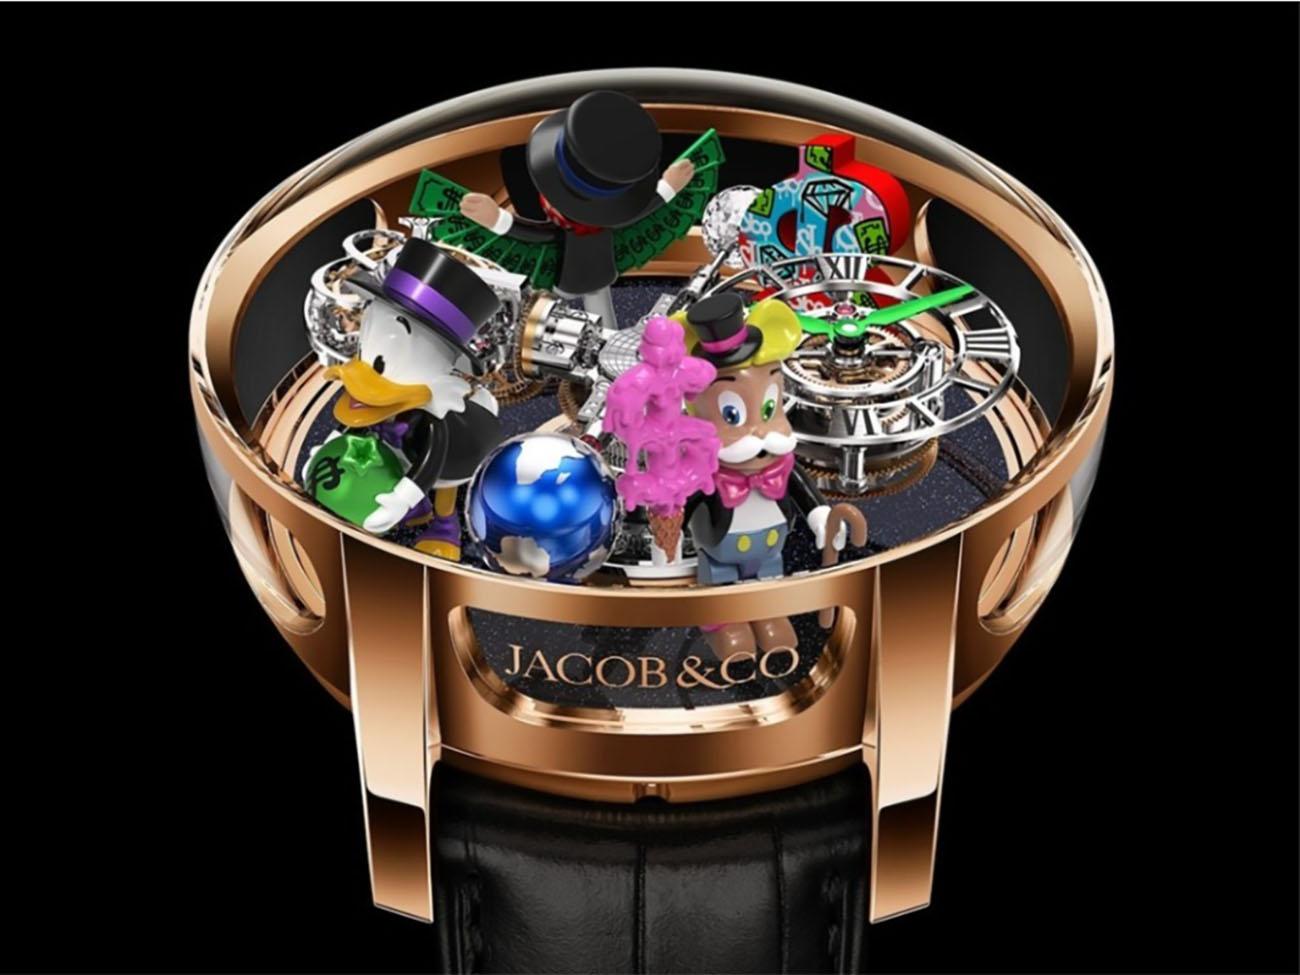 Ένα ρολόι 600.000 δολαρίων με θέμα το επιτραπέζιο παιχνίδι Monopoly